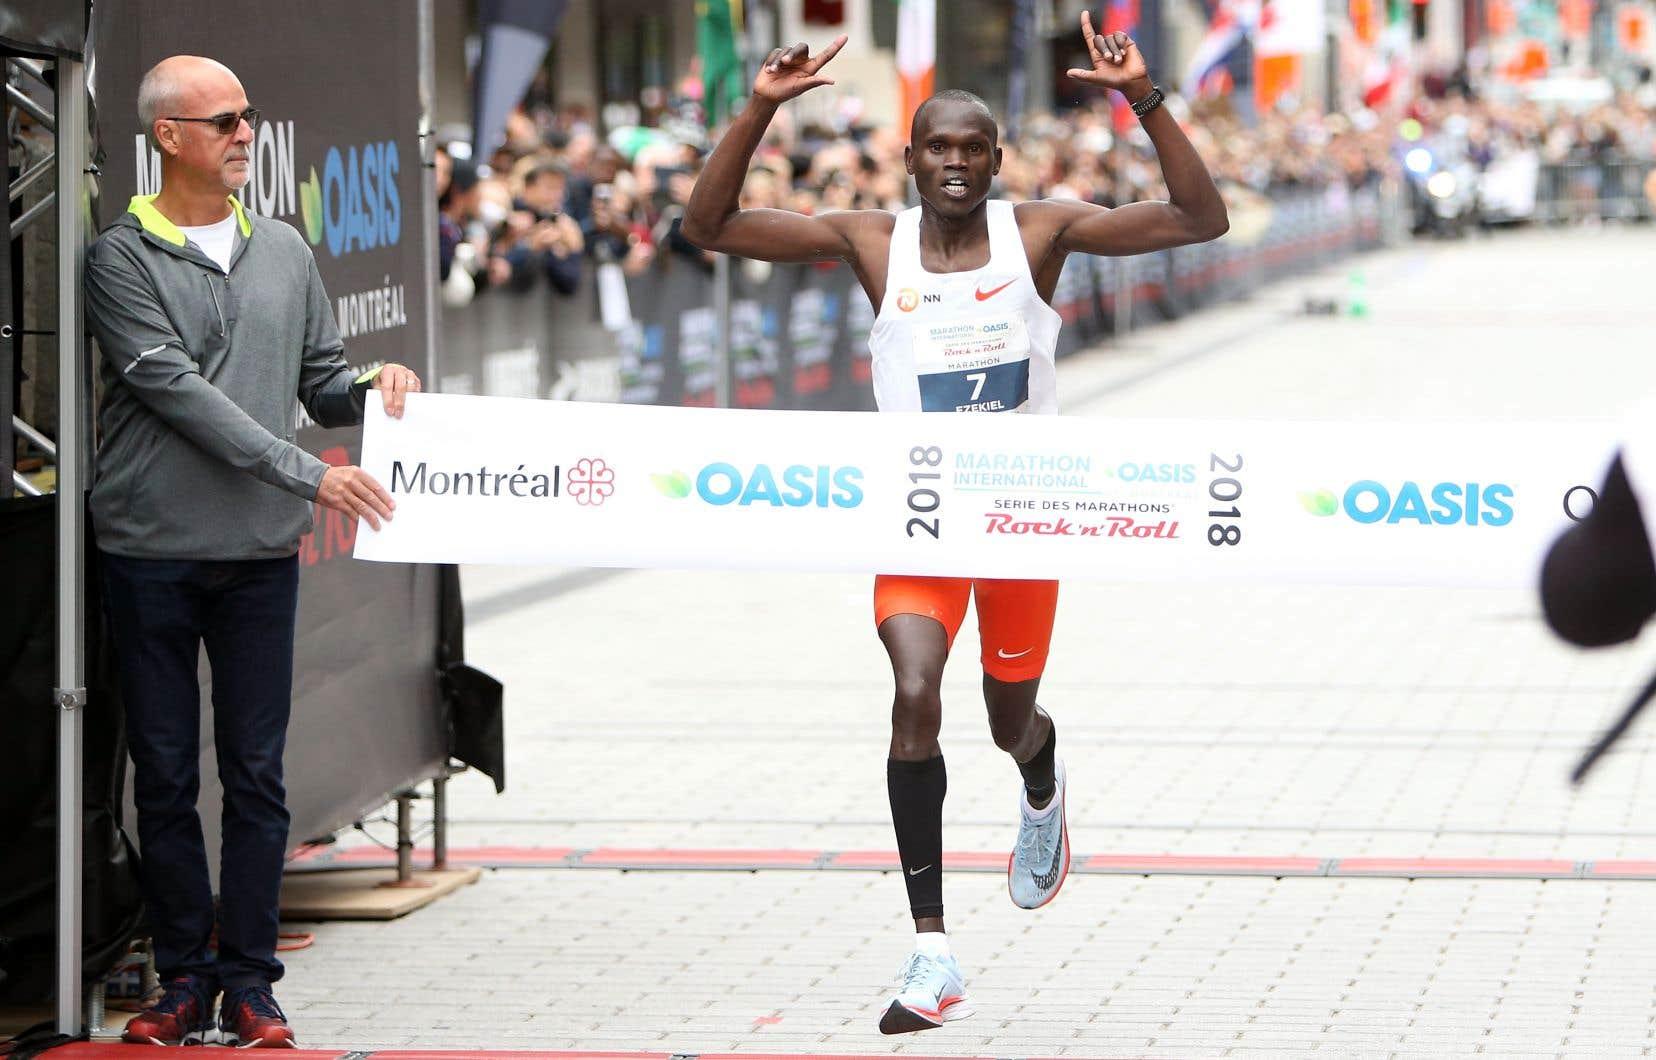 Le vainqueur, Ezekiel Mutai, a établi un nouveau record pour le marathon de Montréal.